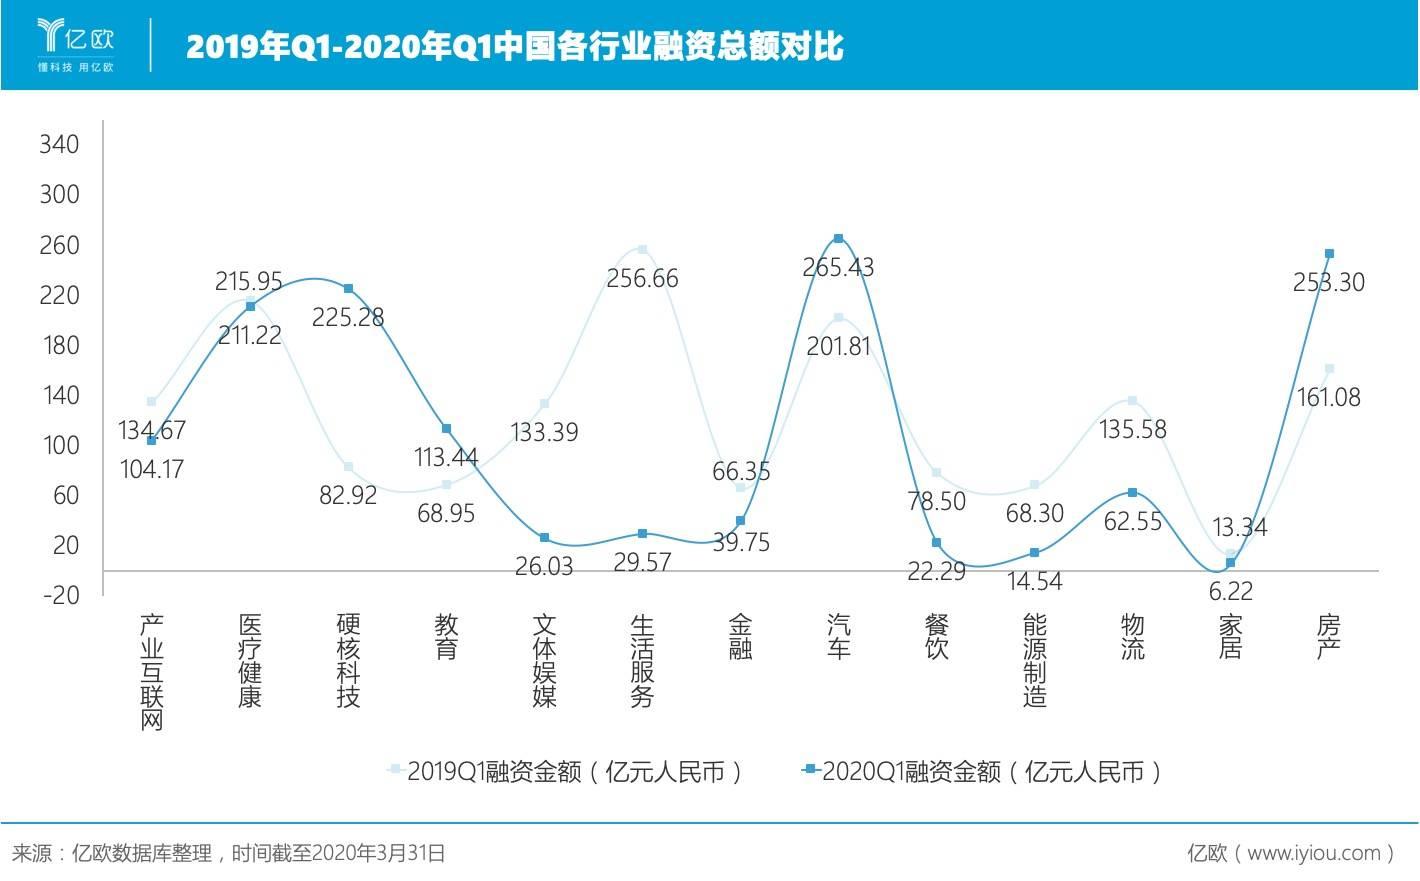 2019年Q1-2020年Q1中国各行业融资总额对比.jpeg